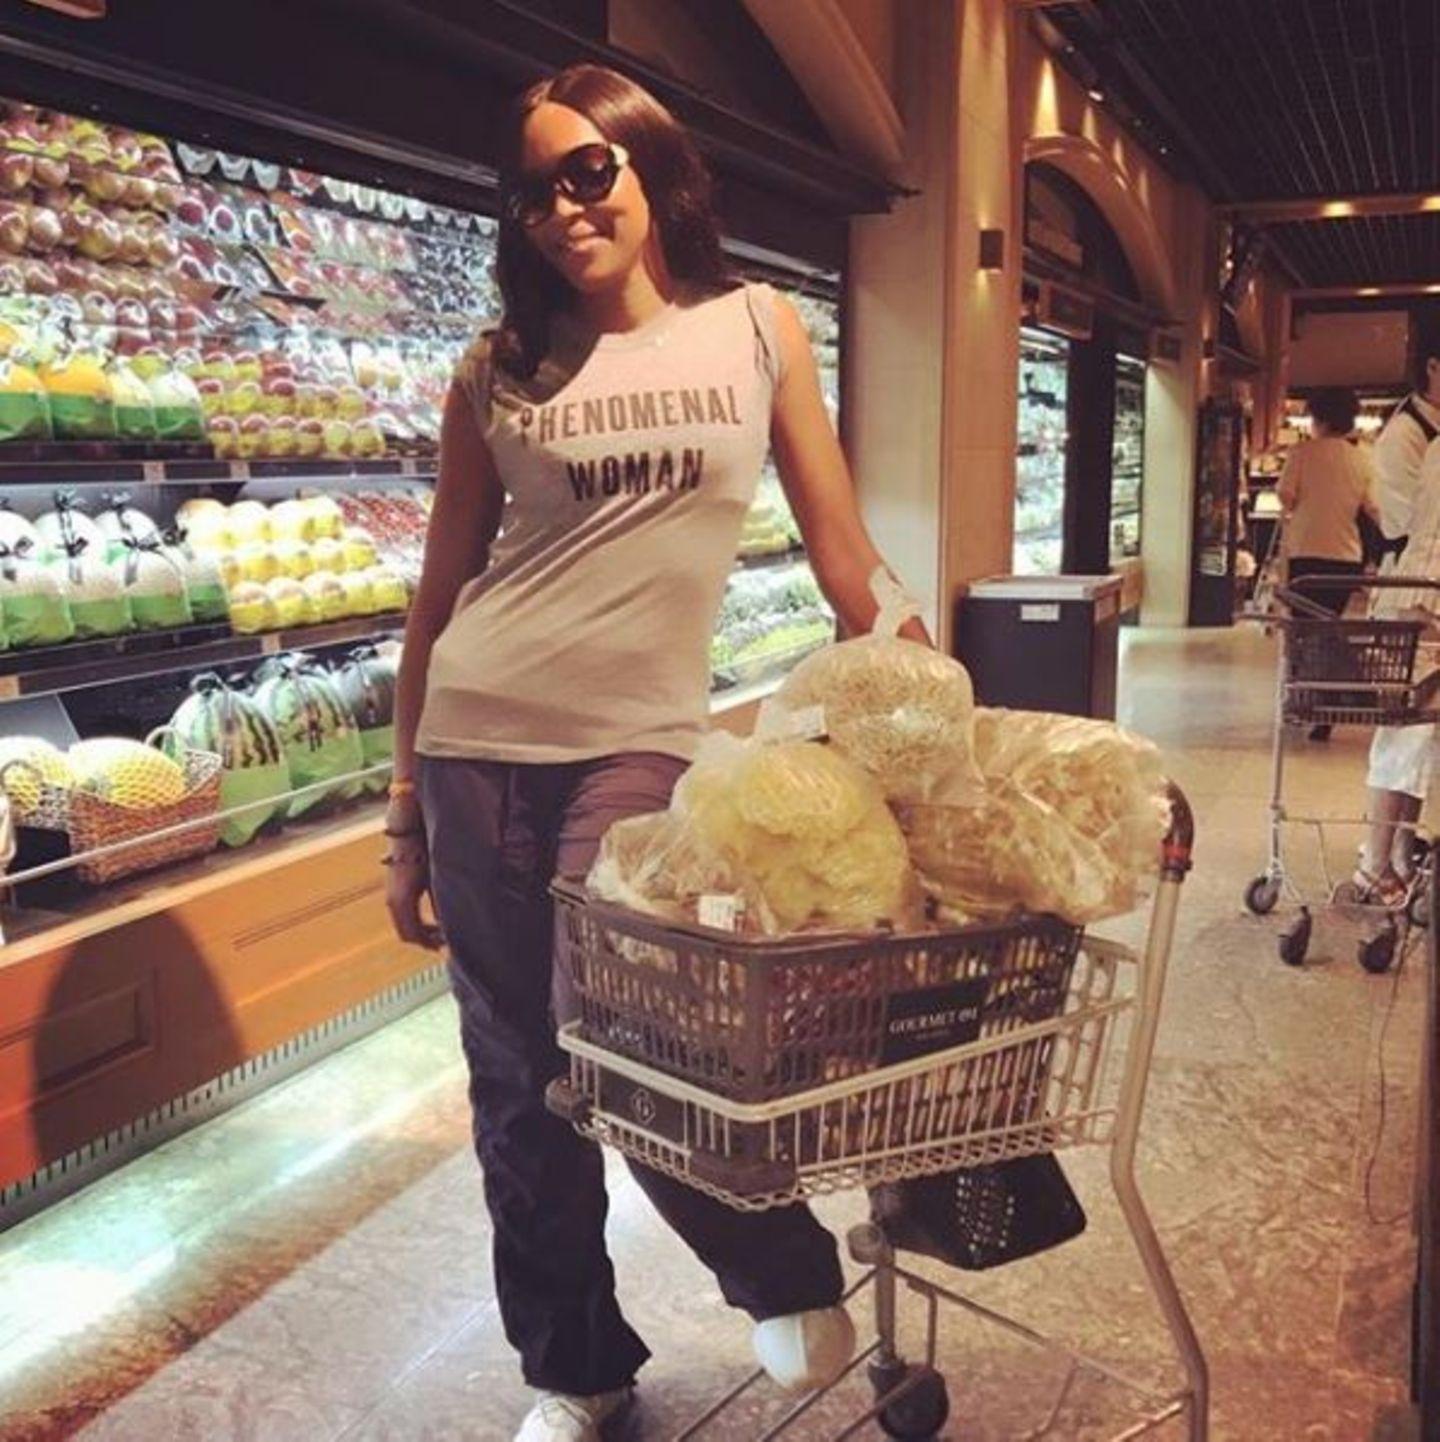 Beim Einkaufen findet man Model Naomi Campbell - wer hätte es anders gedacht - in der Obstabteilung. Hier kauft sie höchstwahrscheinlich die Zutaten für ihre Saftdiäten ein. Aber nein, halt stopp! Das, was sie dort in ihrem Einkaufswagen hat, sieht nun gar nicht nach Äpfeln und Co. aus. Vielmehr könnte es sich dabei um unzählige Schwämme handeln. Fragt sich dann nur, was sie damit vorhat?!